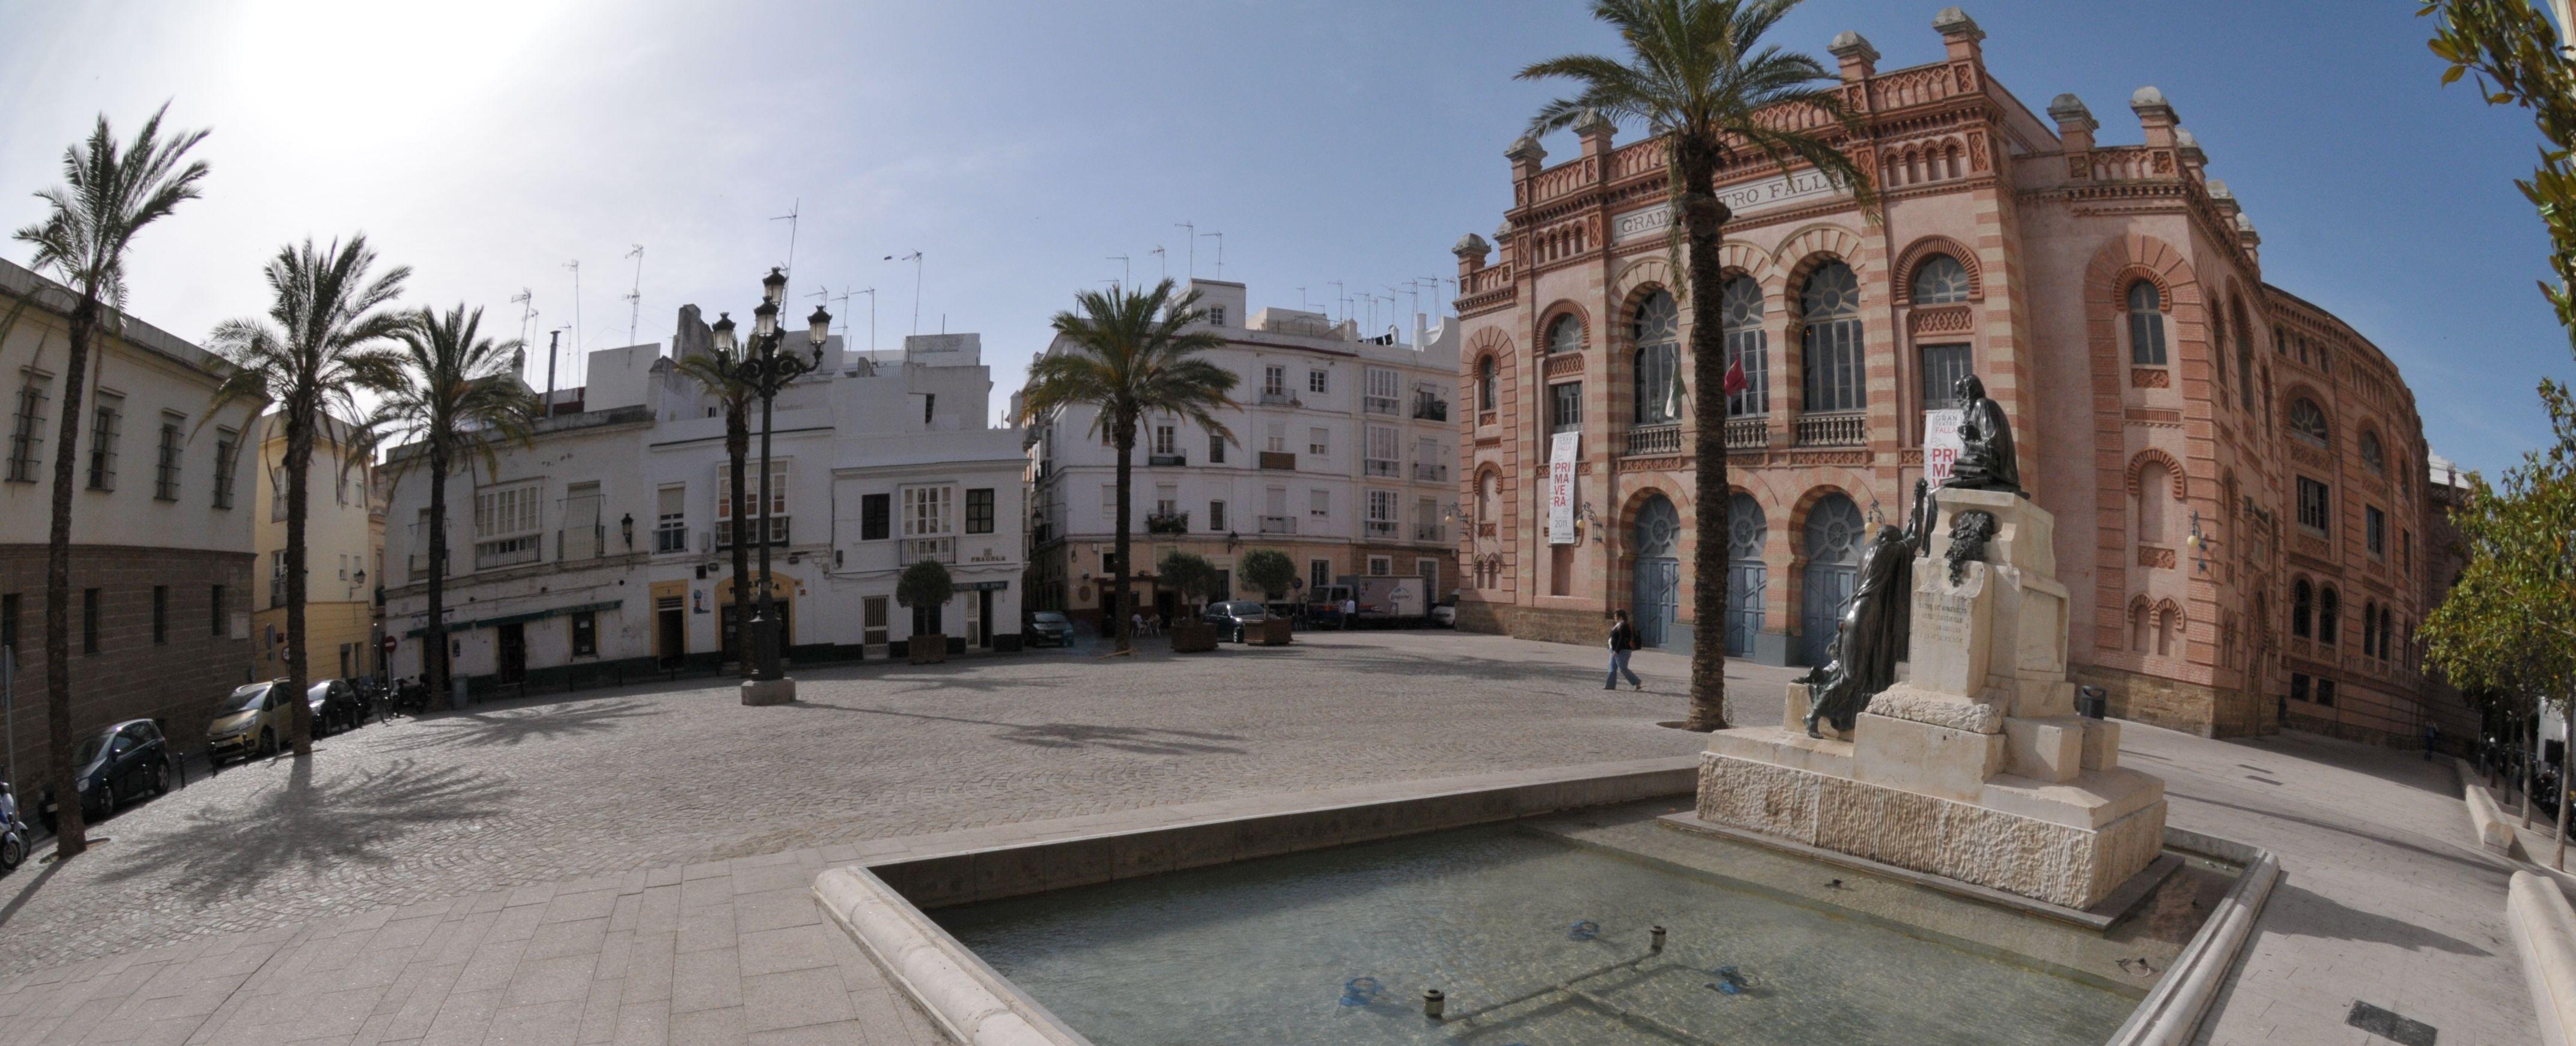 natural fecha baile en Cádiz